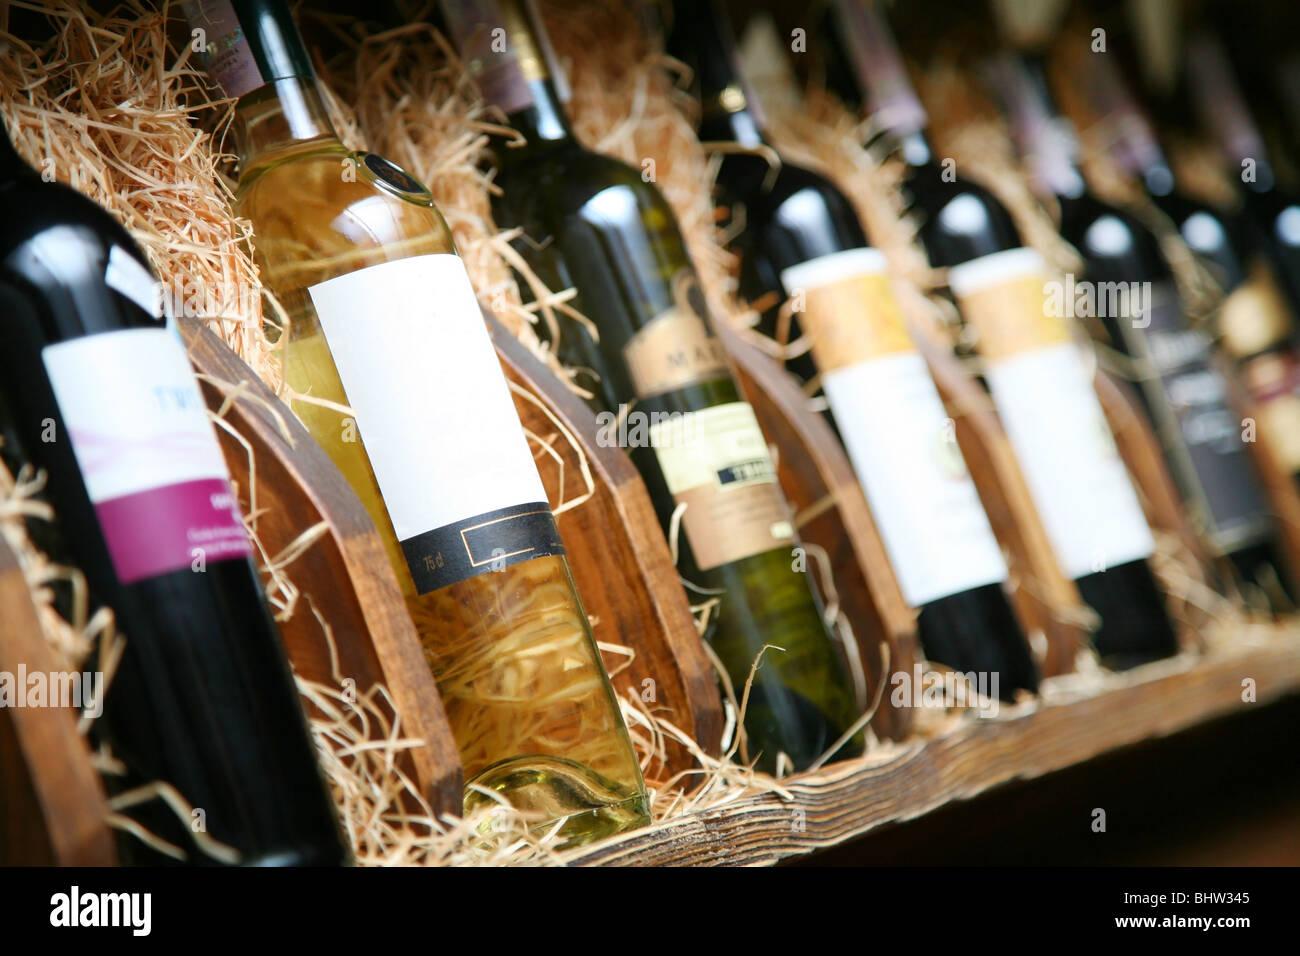 Closeup colpo di wineshelf. Bottiglie collocare sopra la paglia. Immagini Stock